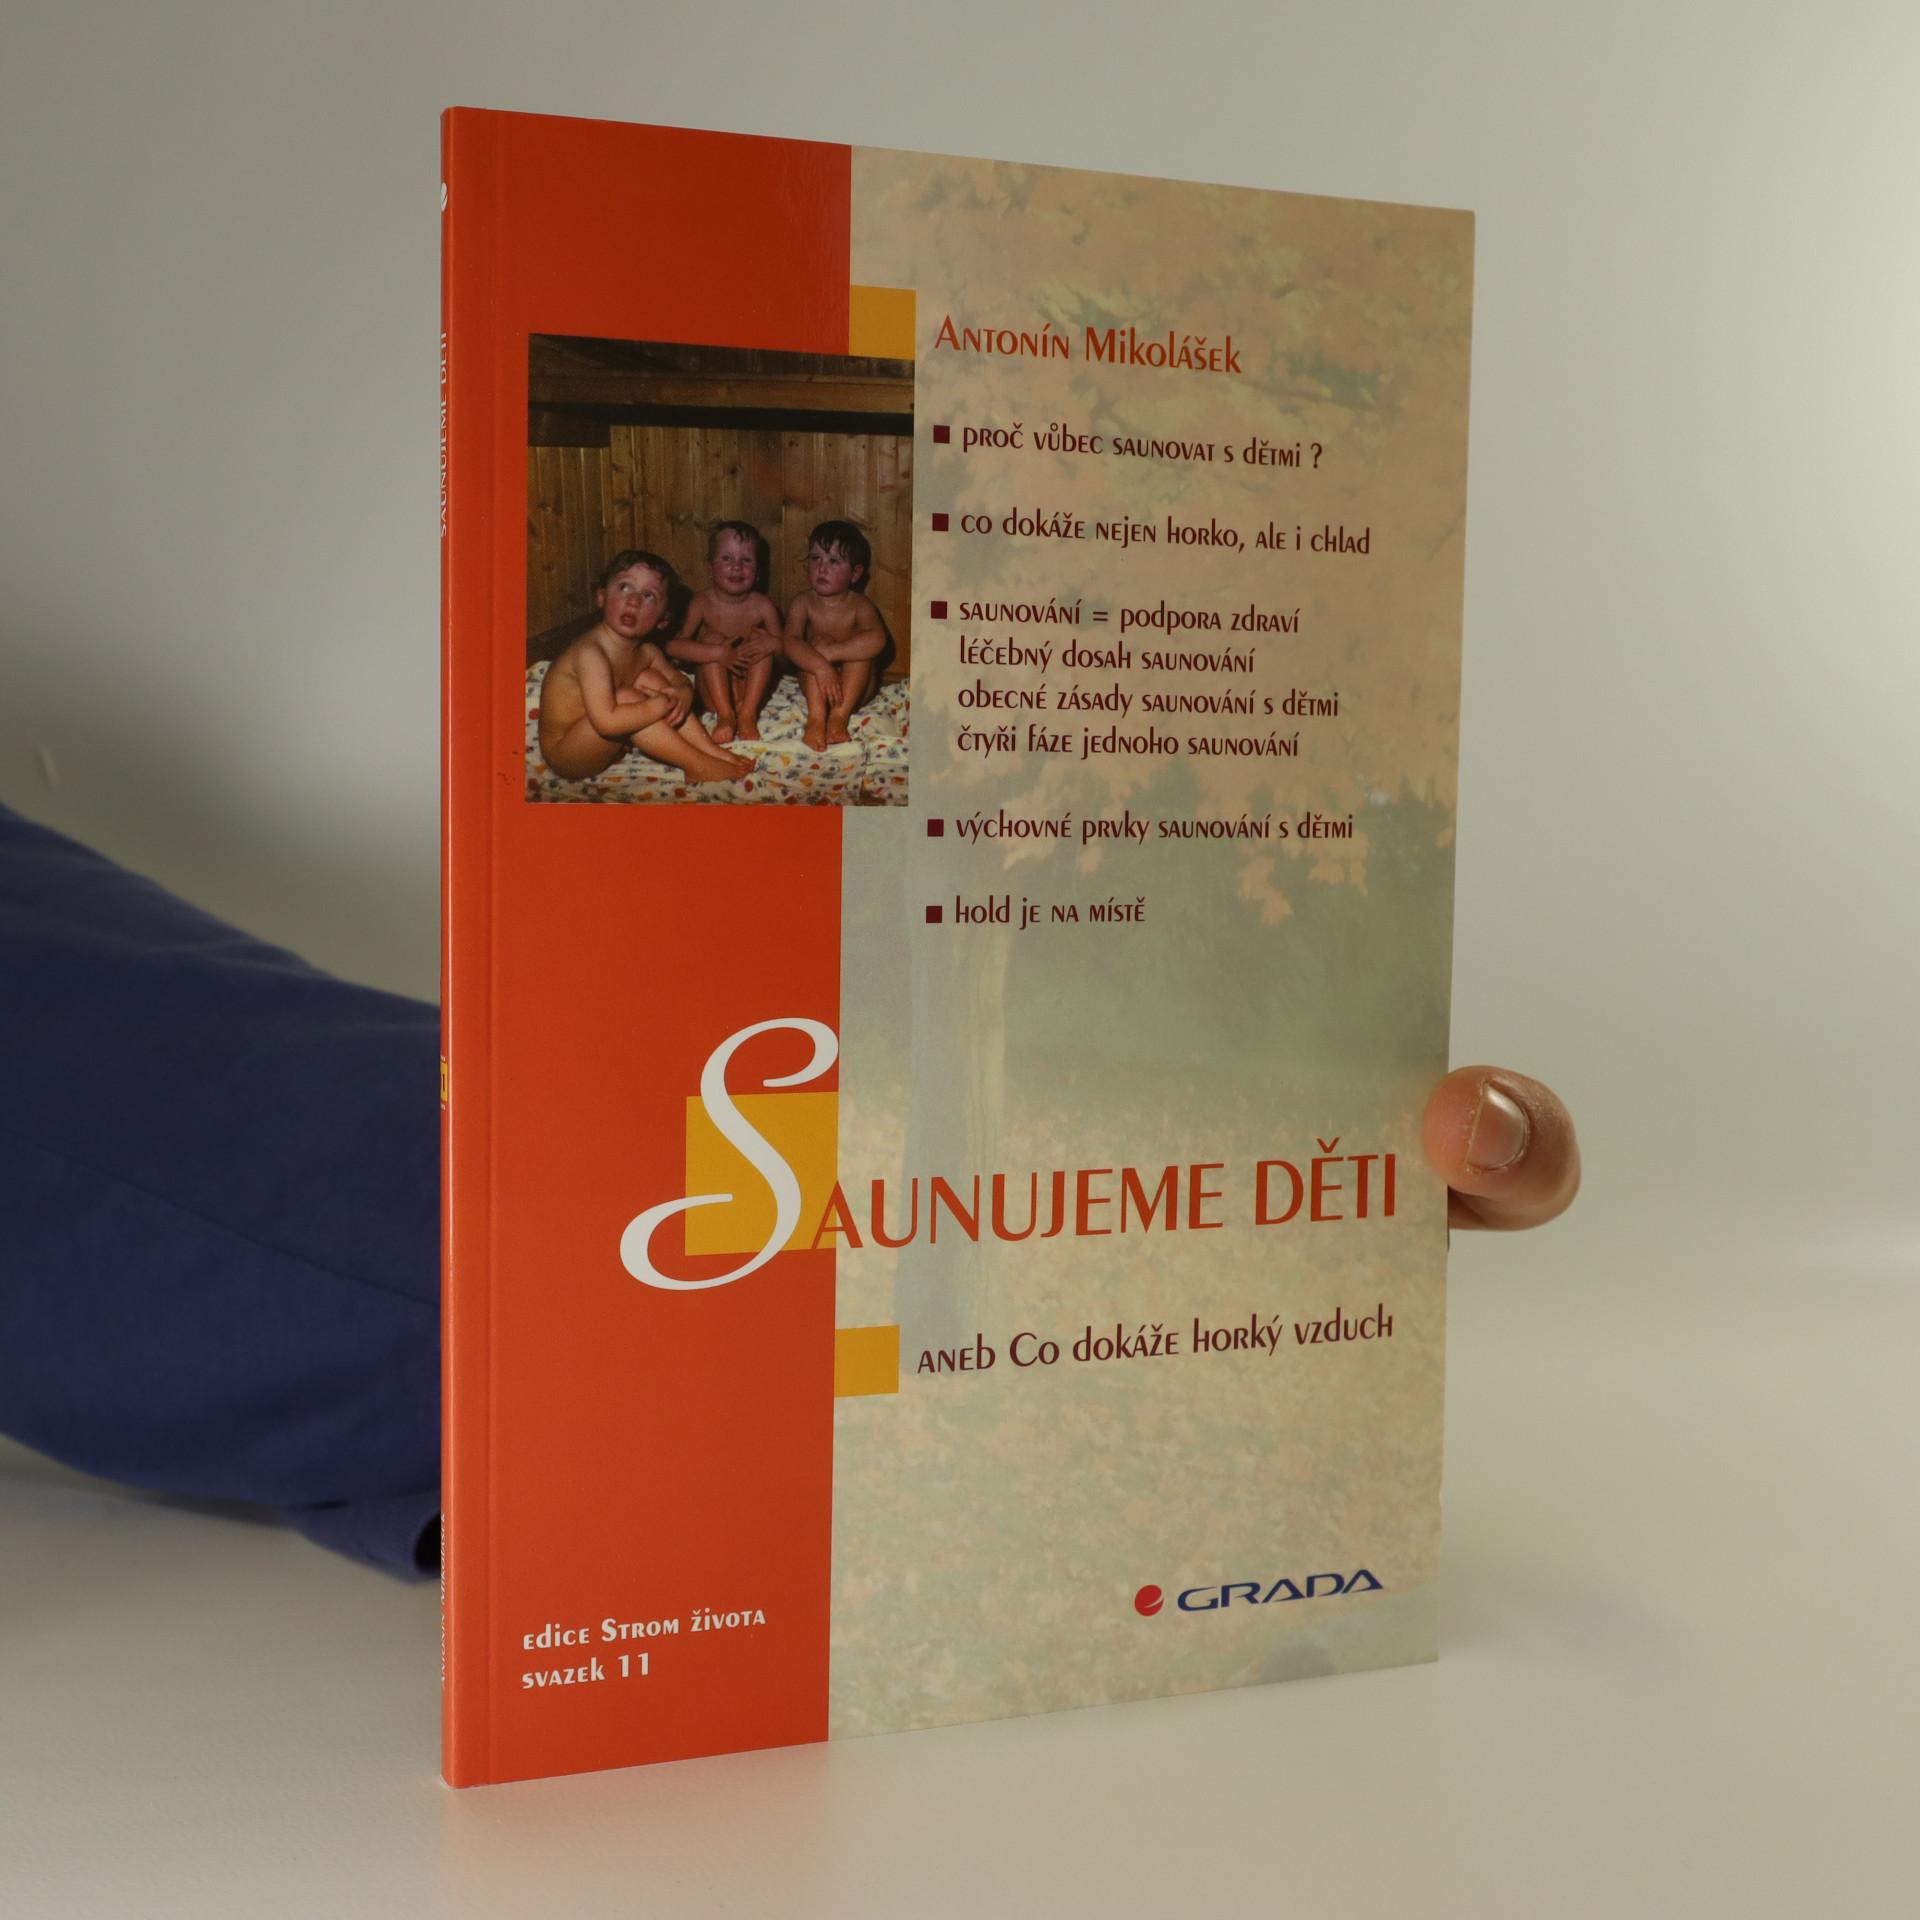 antikvární kniha Saunujeme děti, aneb, Co dokáže horký vzduch, 2000